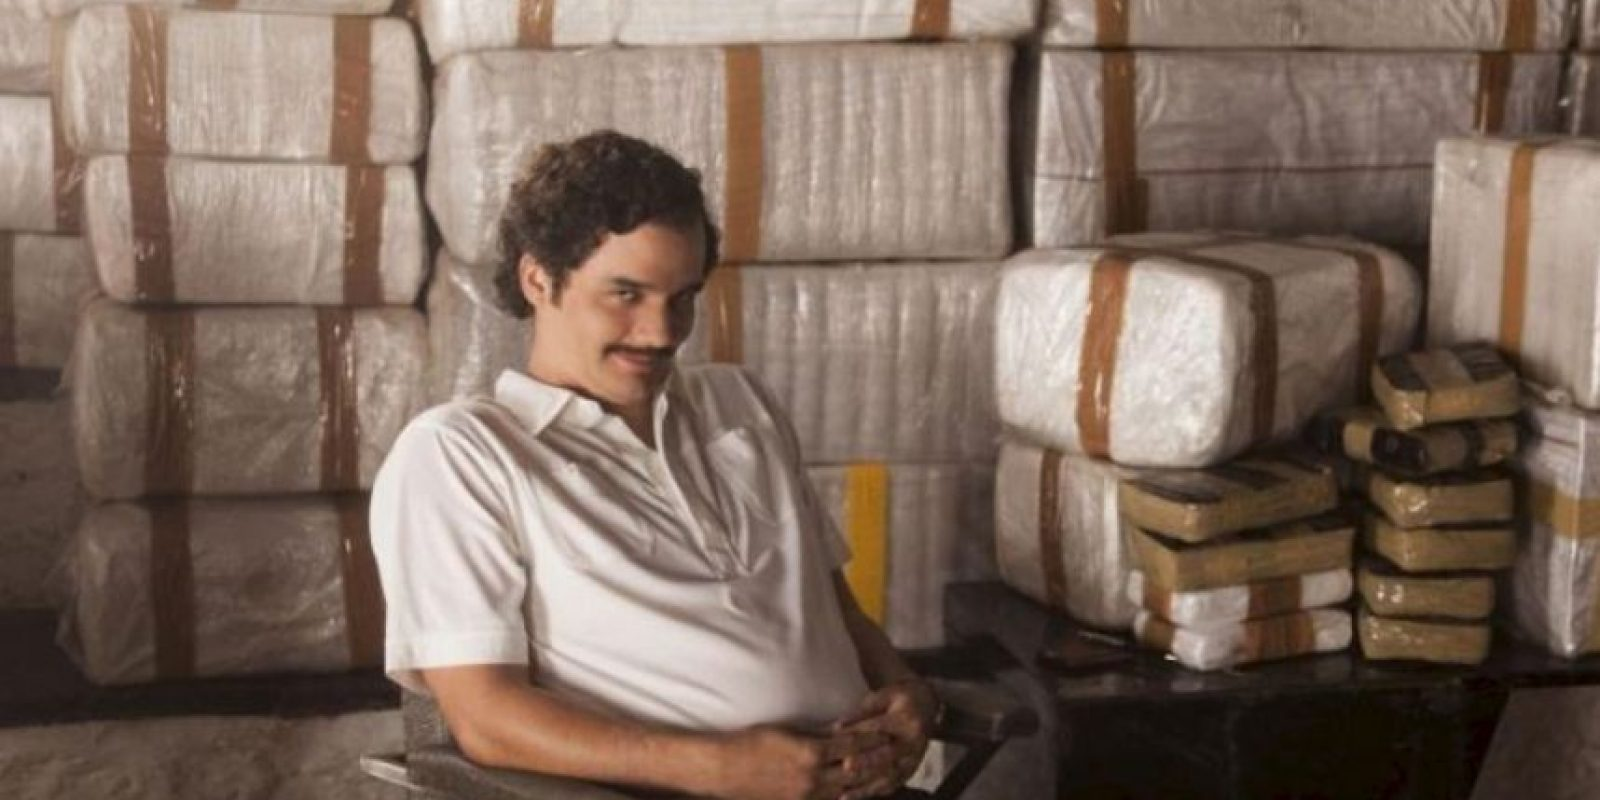 Se graduó en periodismo en la Universidad Federal de Bahia1 pero decidió convertirse en actor Foto:Netflix